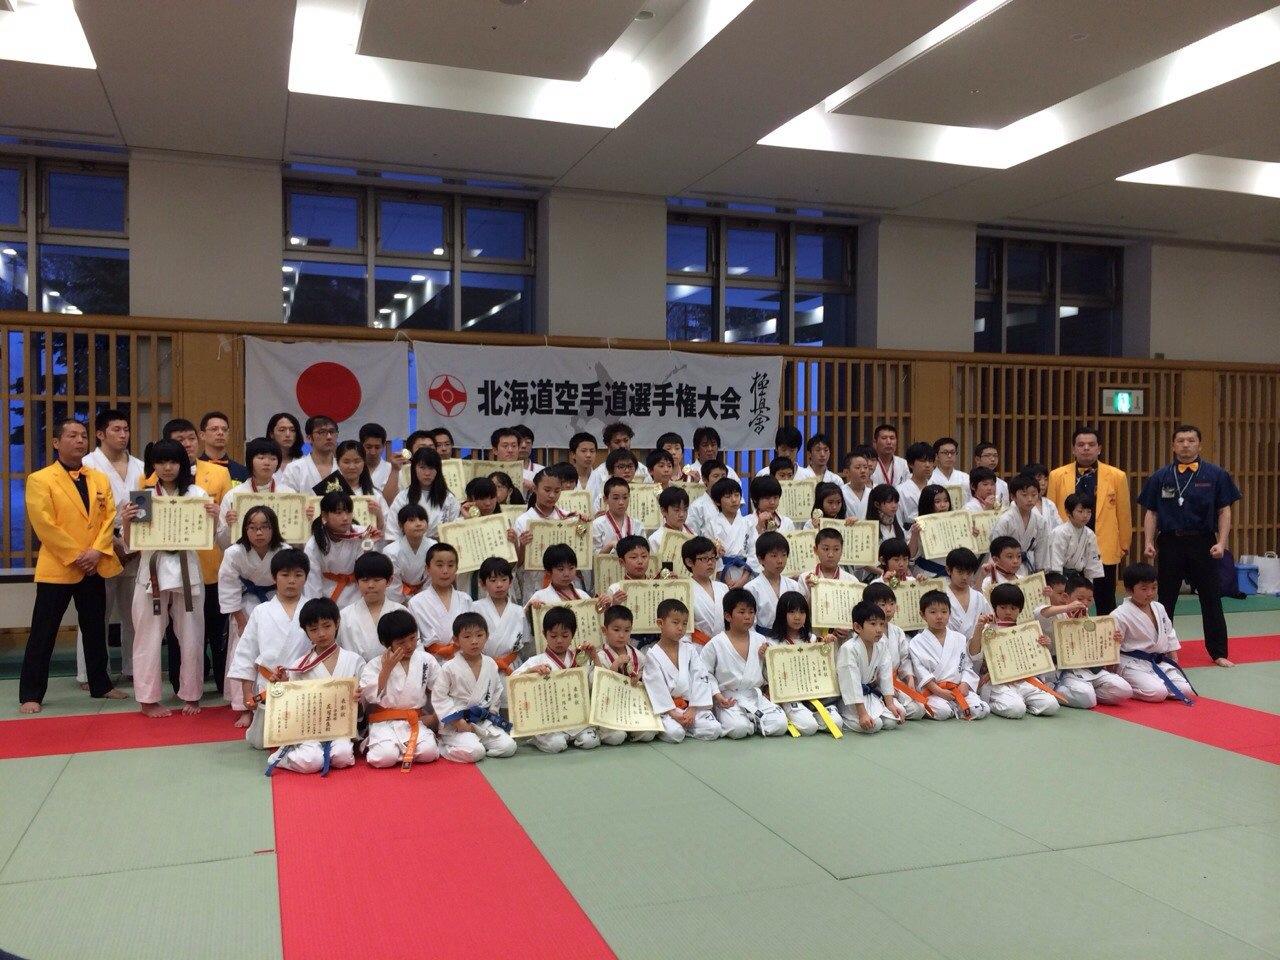 北海道大会の の写真 003